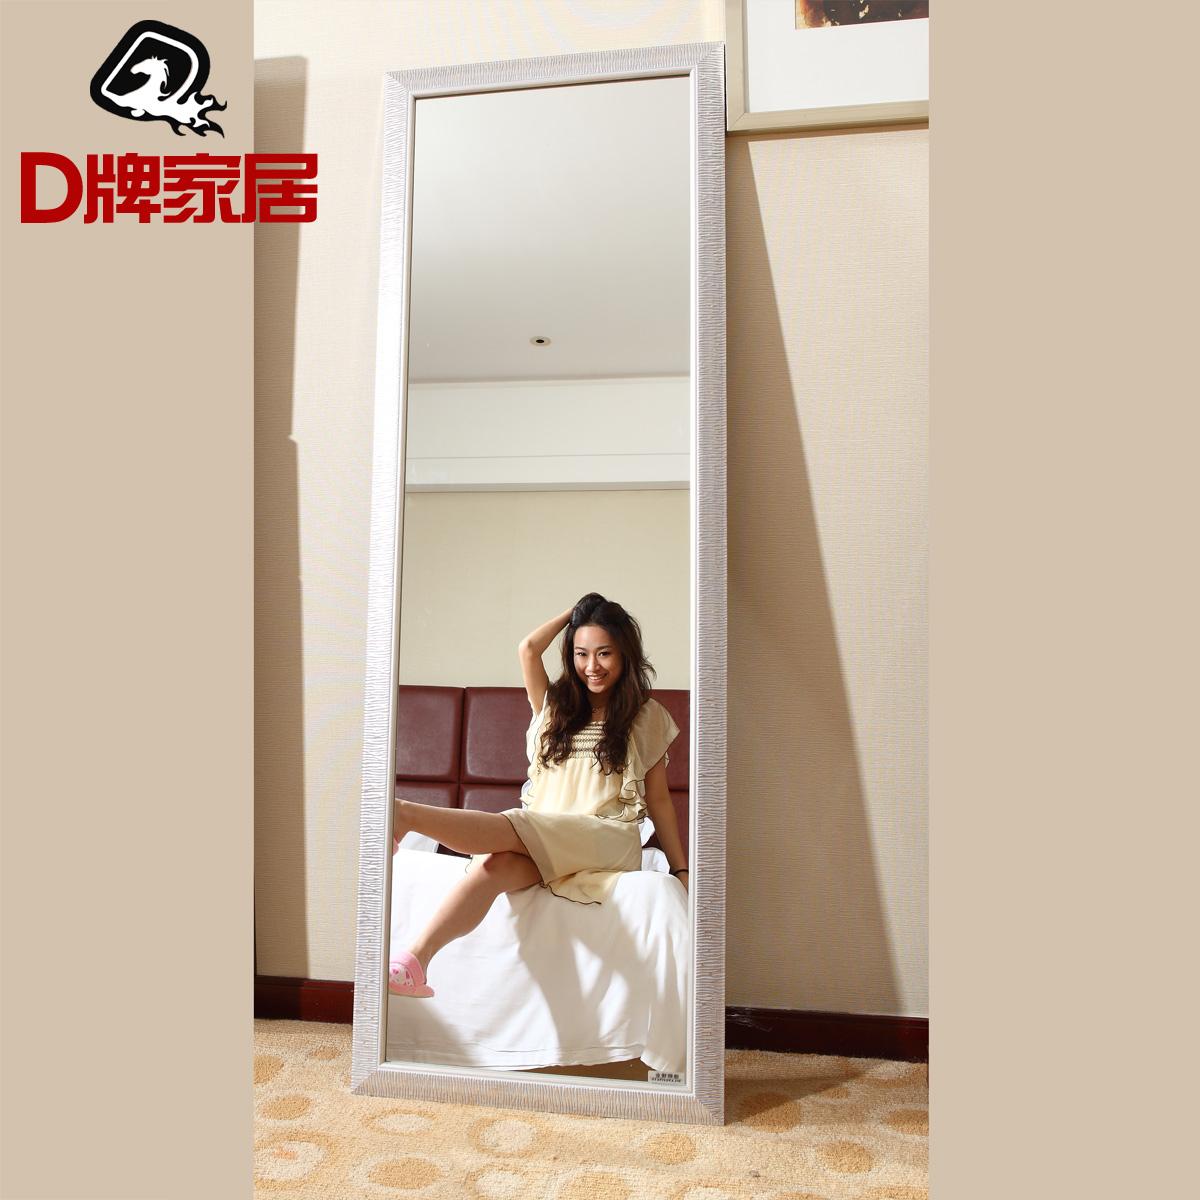 欧式试衣镜全身壁挂 田园落地镜子穿衣镜全身镜 更衣镜dl-80商品图片